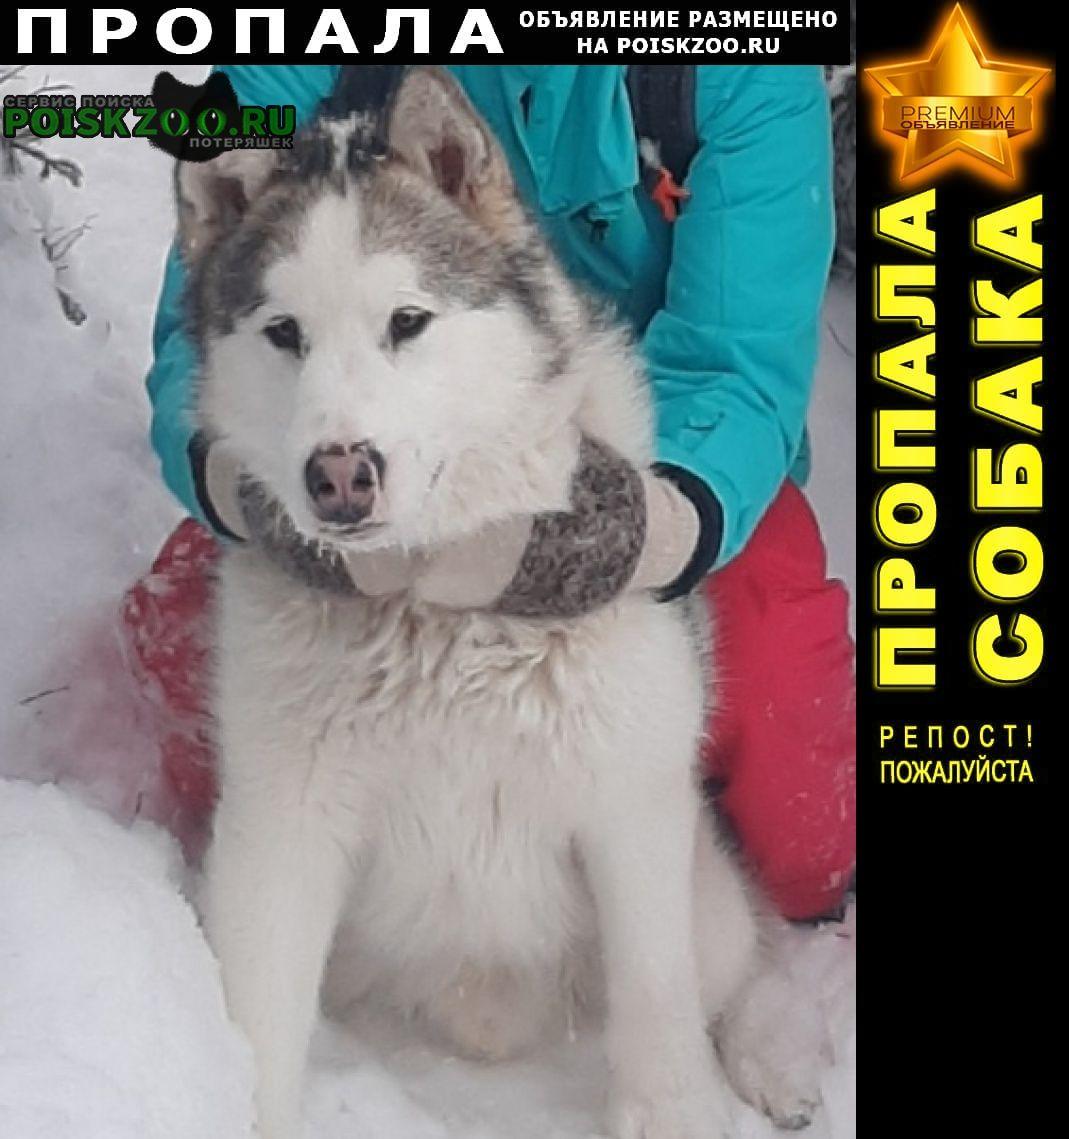 Пропала собака потерялась маламут Петрозаводск